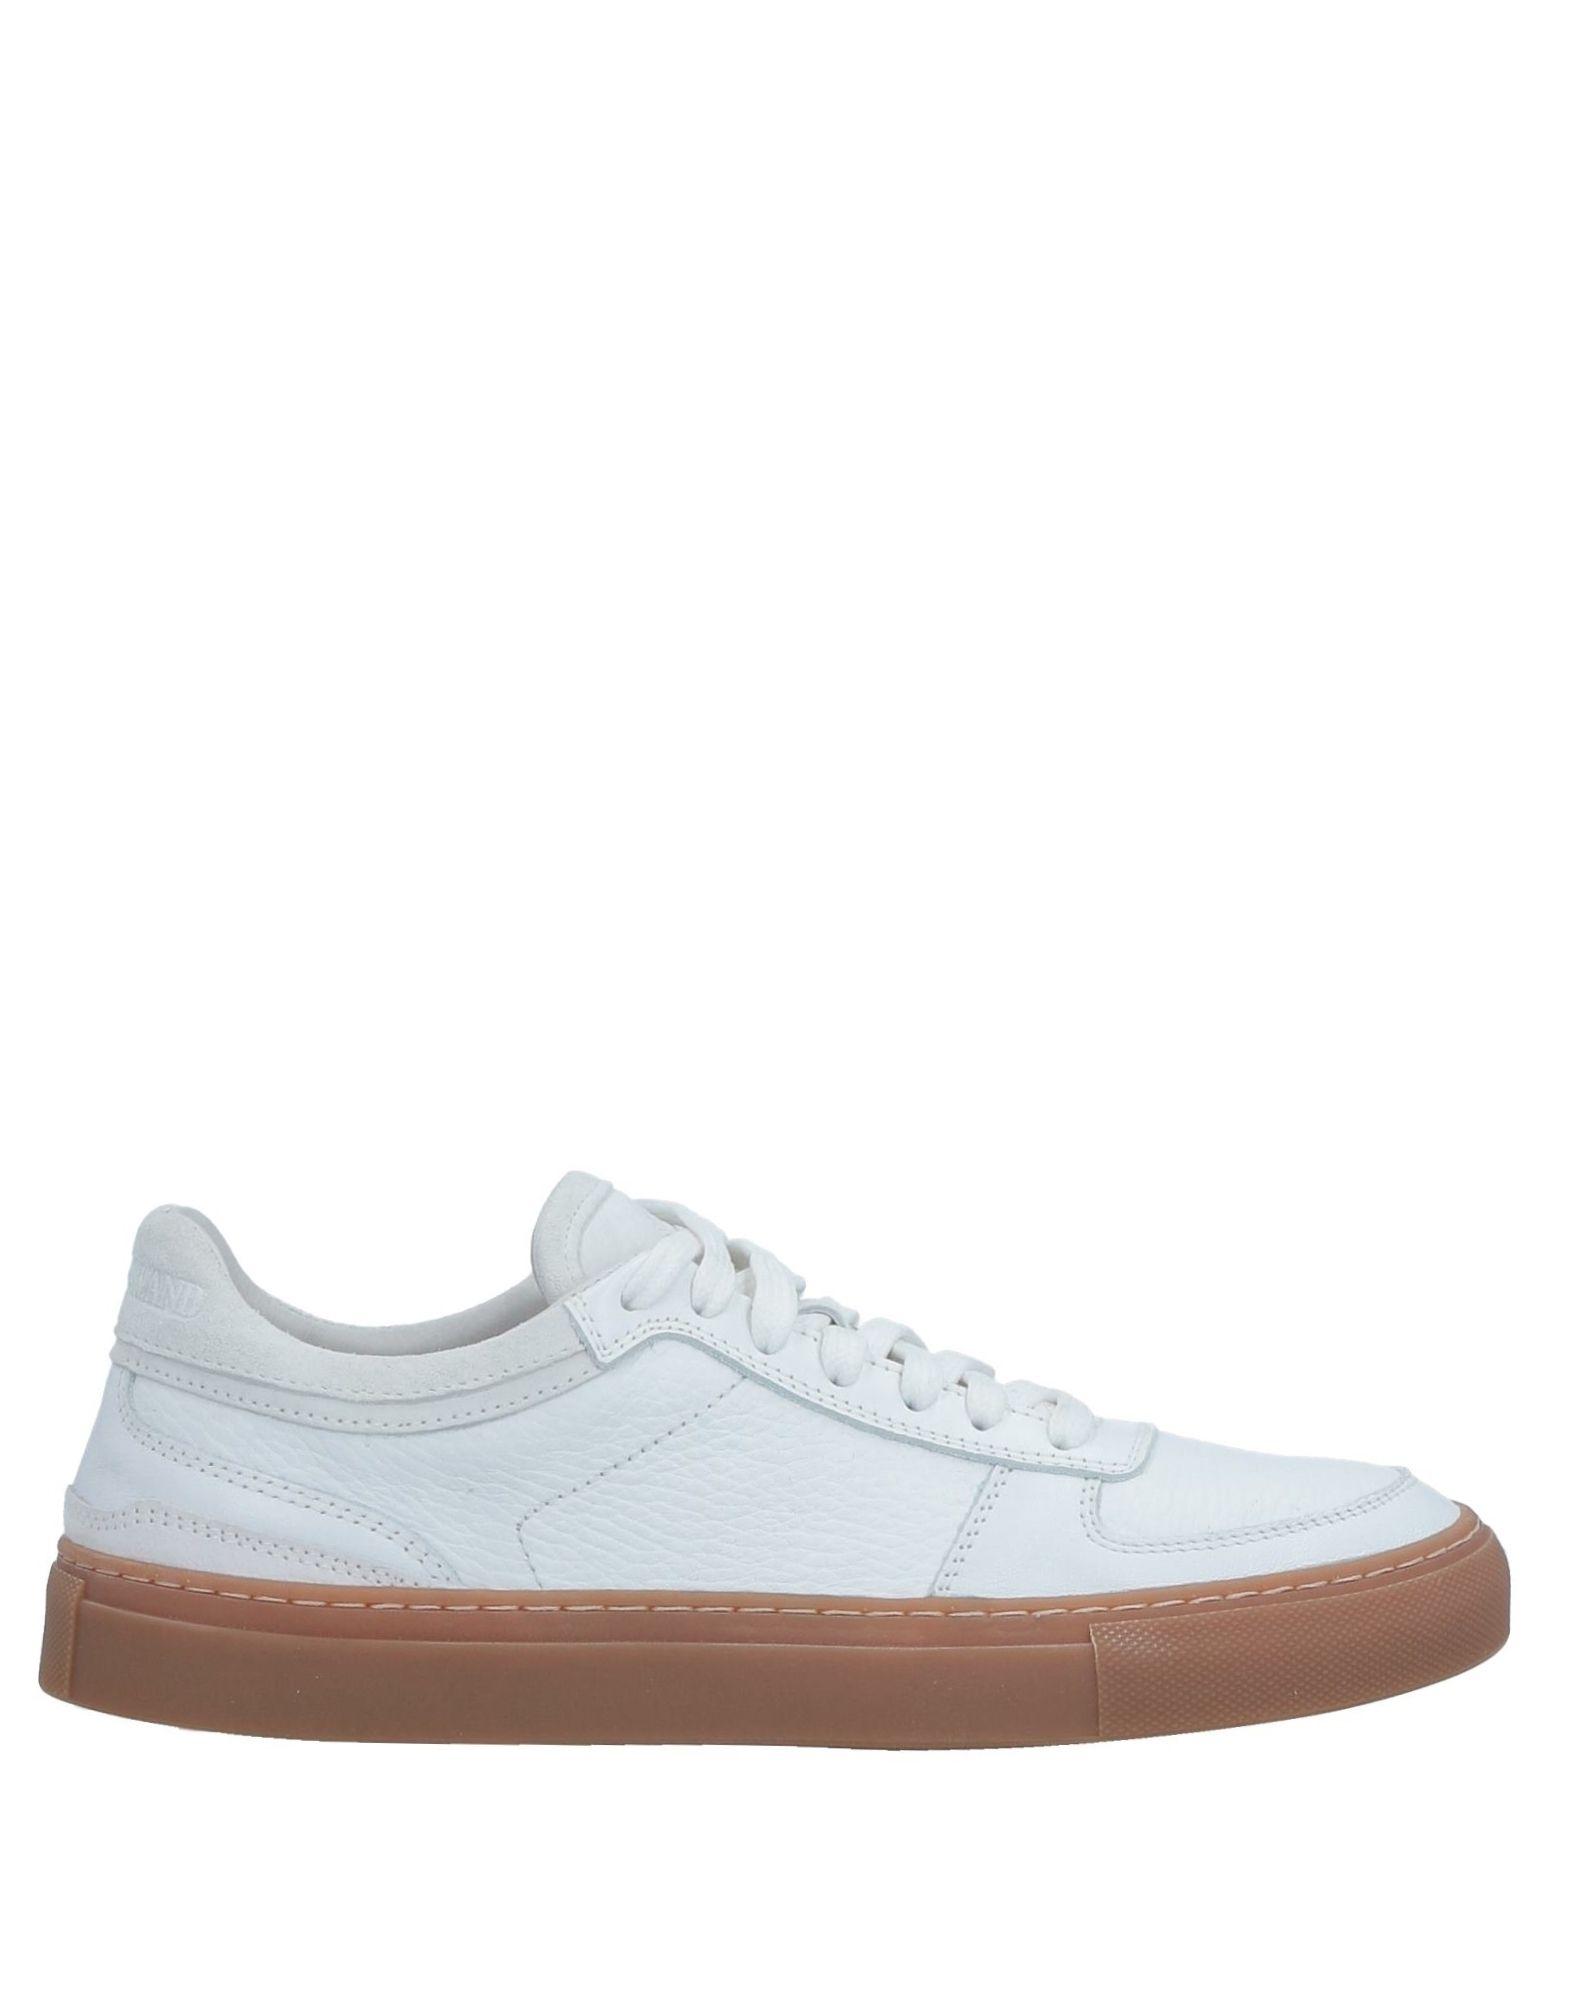 Stone Island By Diemme Sneakers Herren  11518732SK Gute Qualität beliebte Schuhe